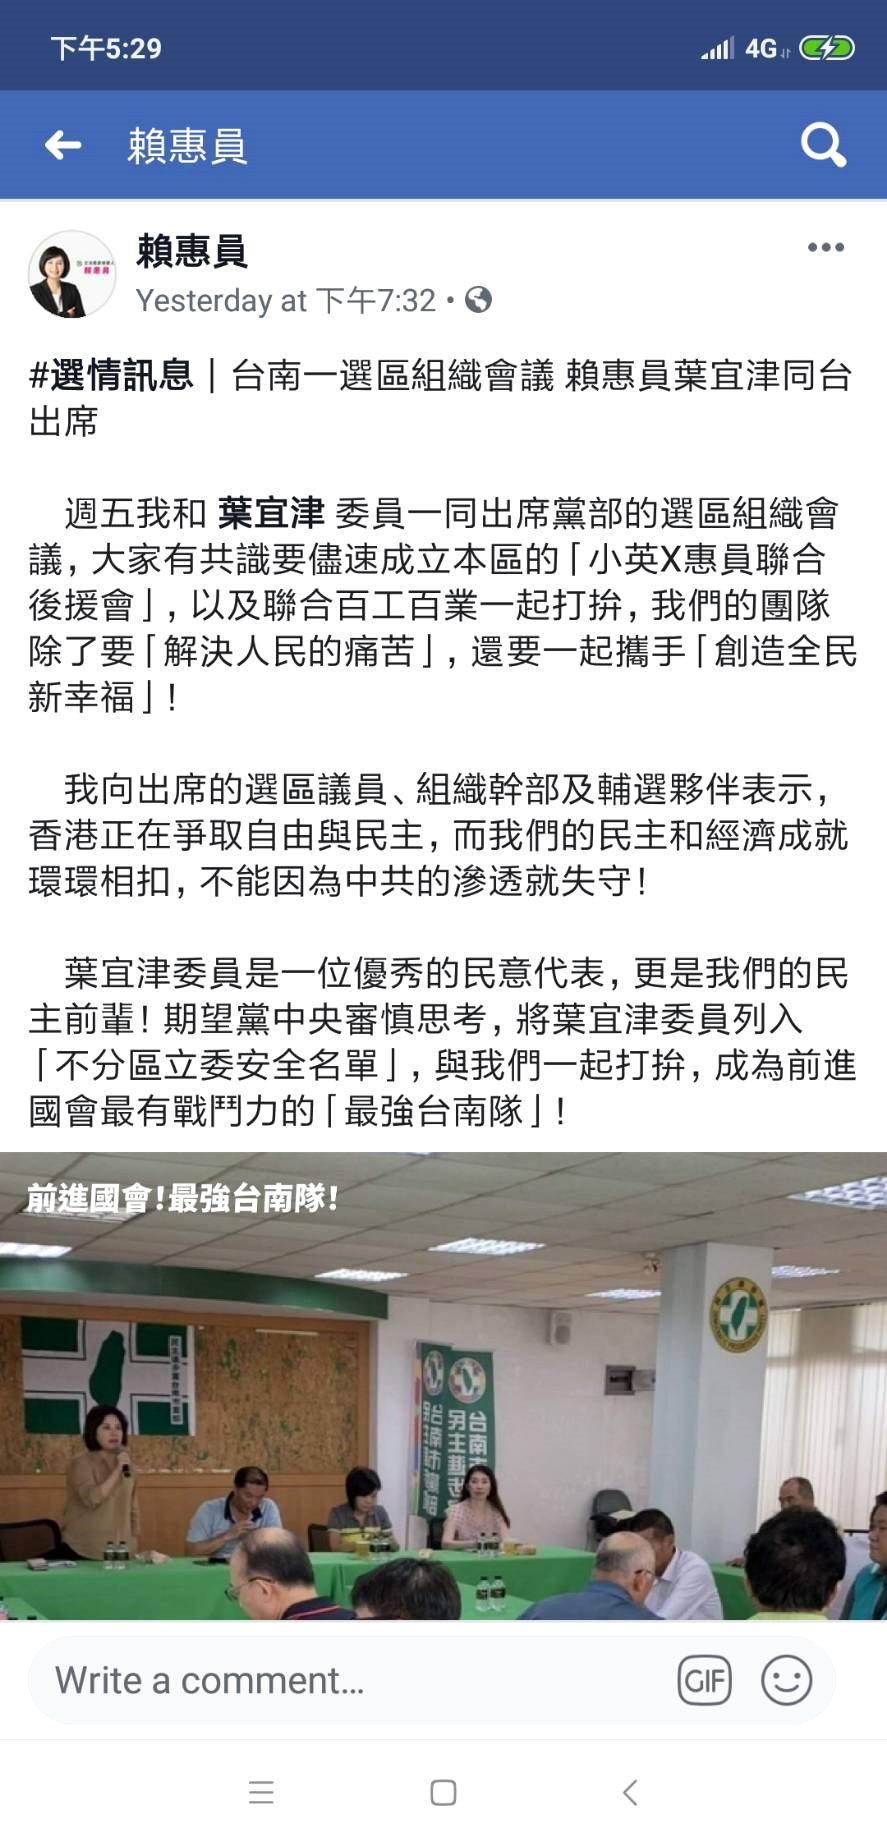 化解初選裂痕,民進黨台南市第一選區立委提名人賴惠員透過臉書,建議將葉宜津列為不分...